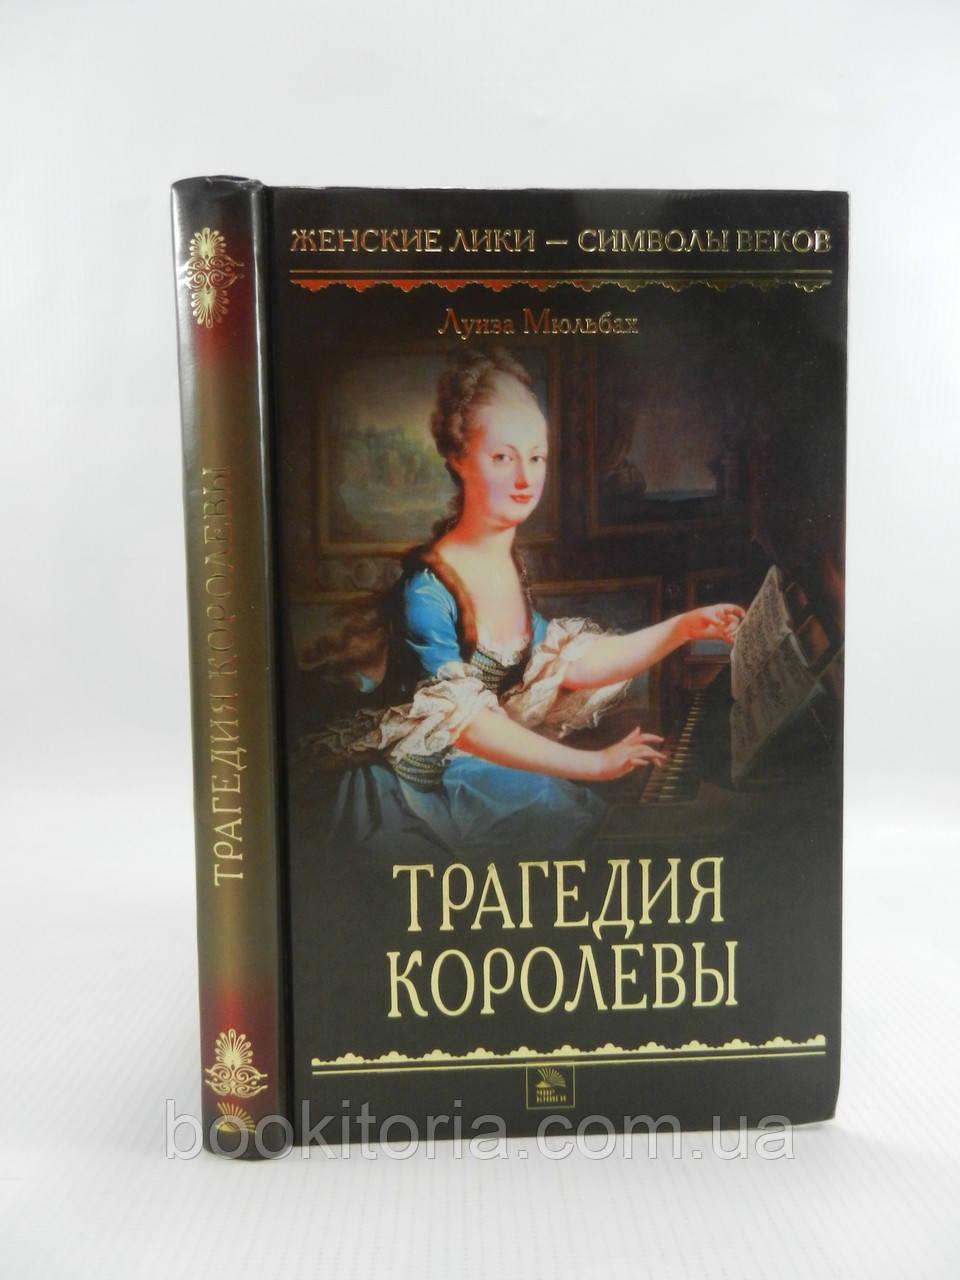 Мюльбах Л. Трагедия королевы (б/у).